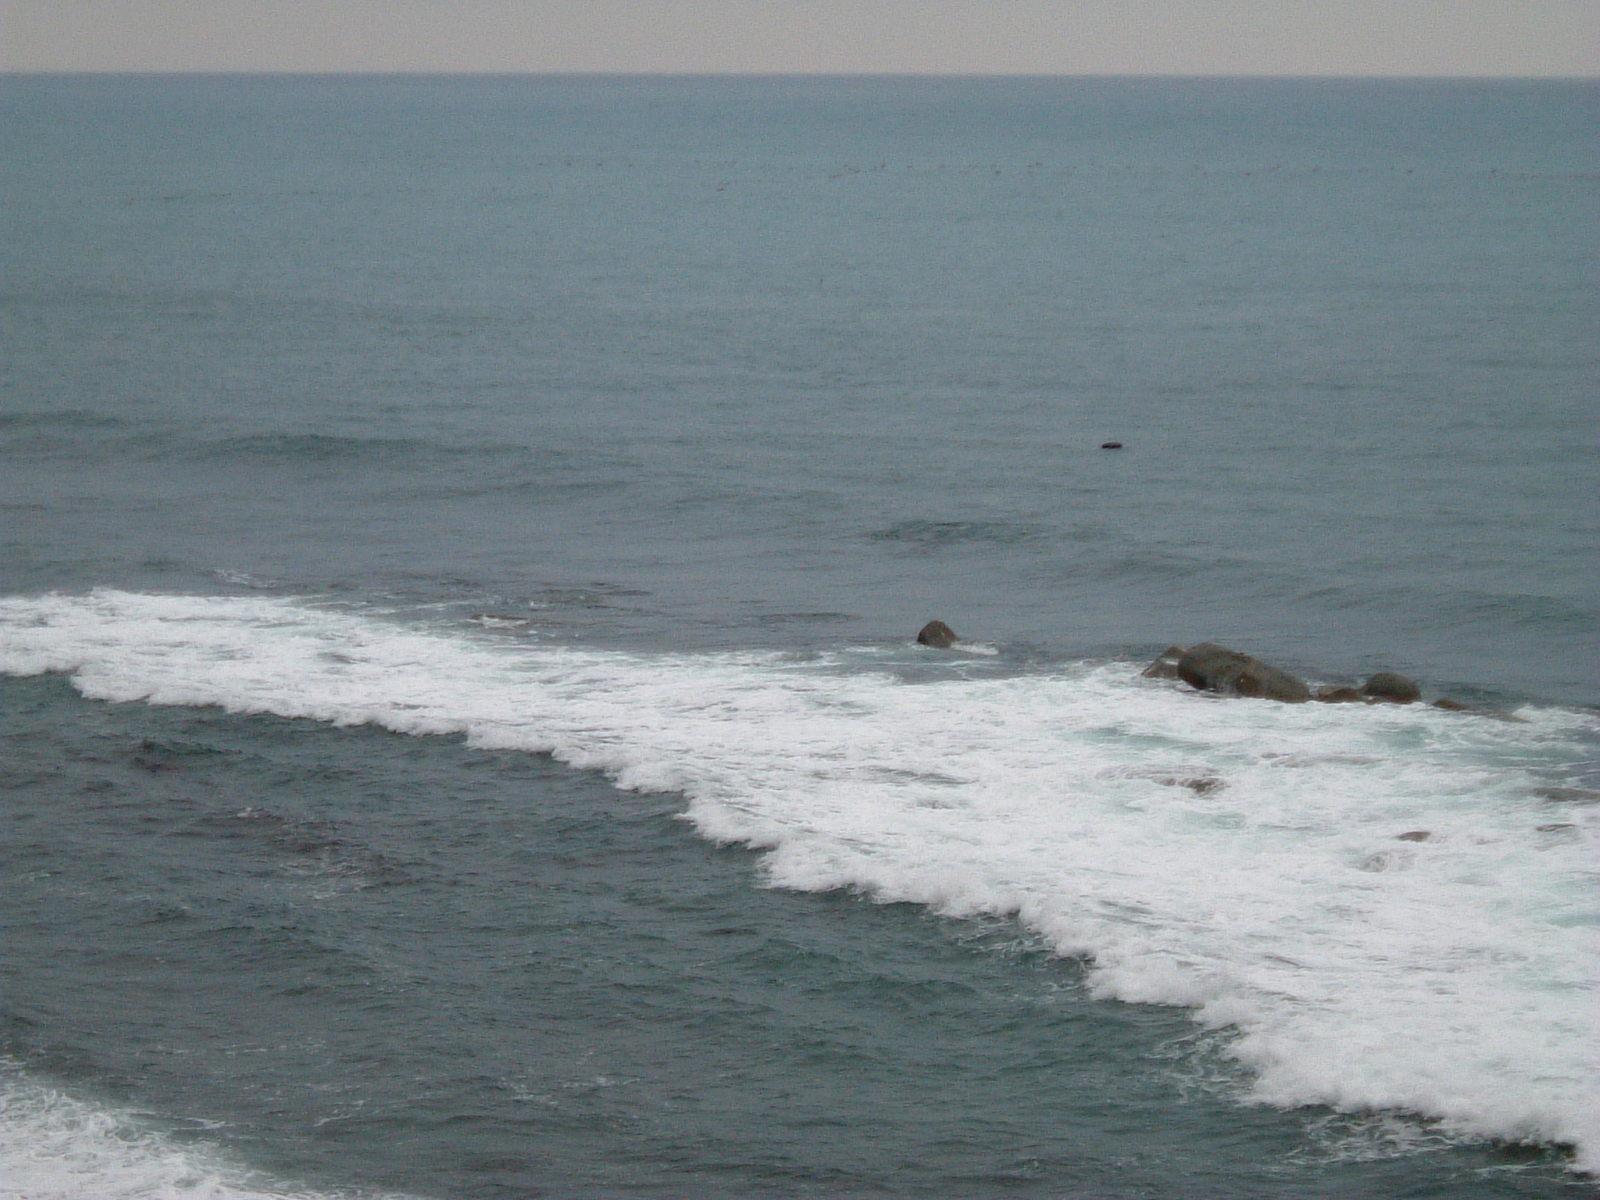 2010_02280005 これは津波なのか、自然の波なのかわかりませんが、大きな波でした。ちょ